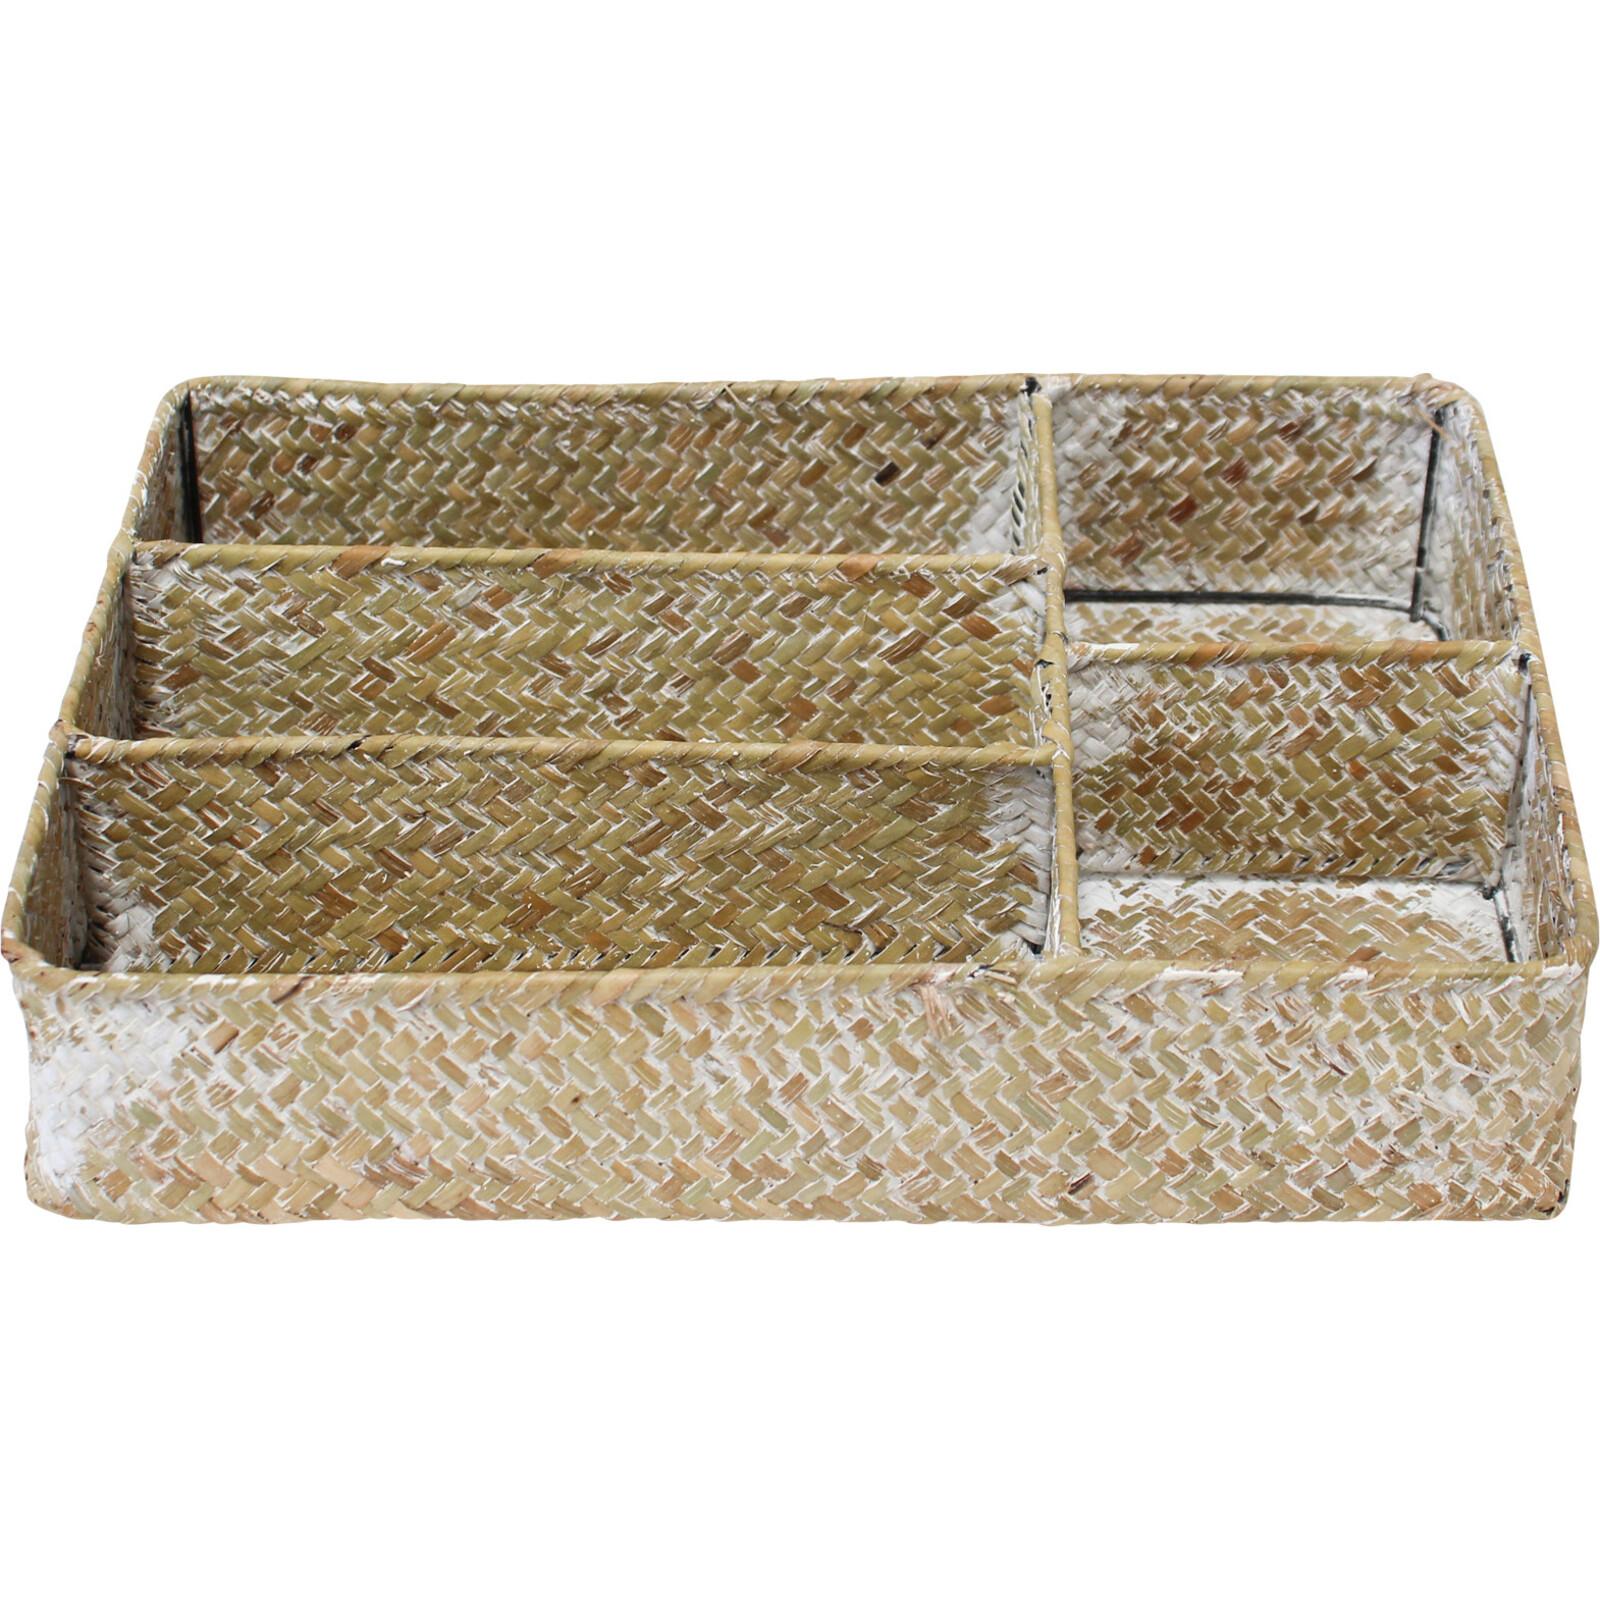 Woven Cutlery  Basket